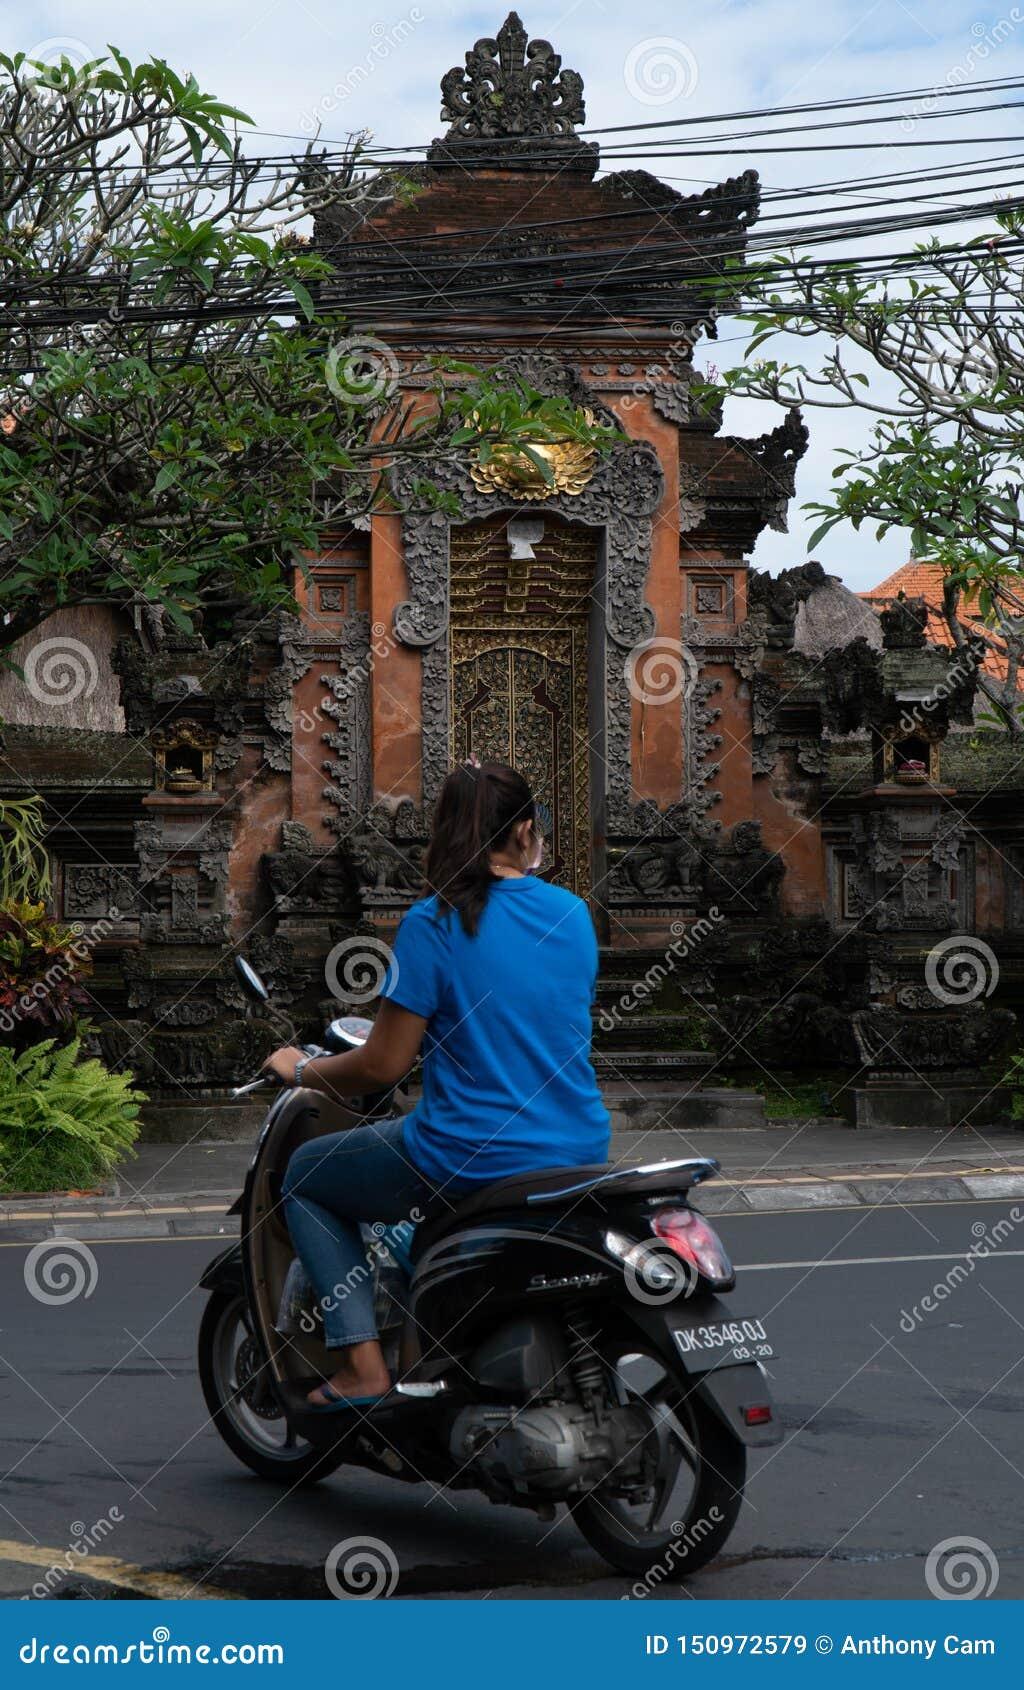 Ubud, Bali, Indonezja Maj 3, 2019: Niezidentyfikowana kobieta jedzie motorową hulajnogę w Ubud, Bali, Indonezja